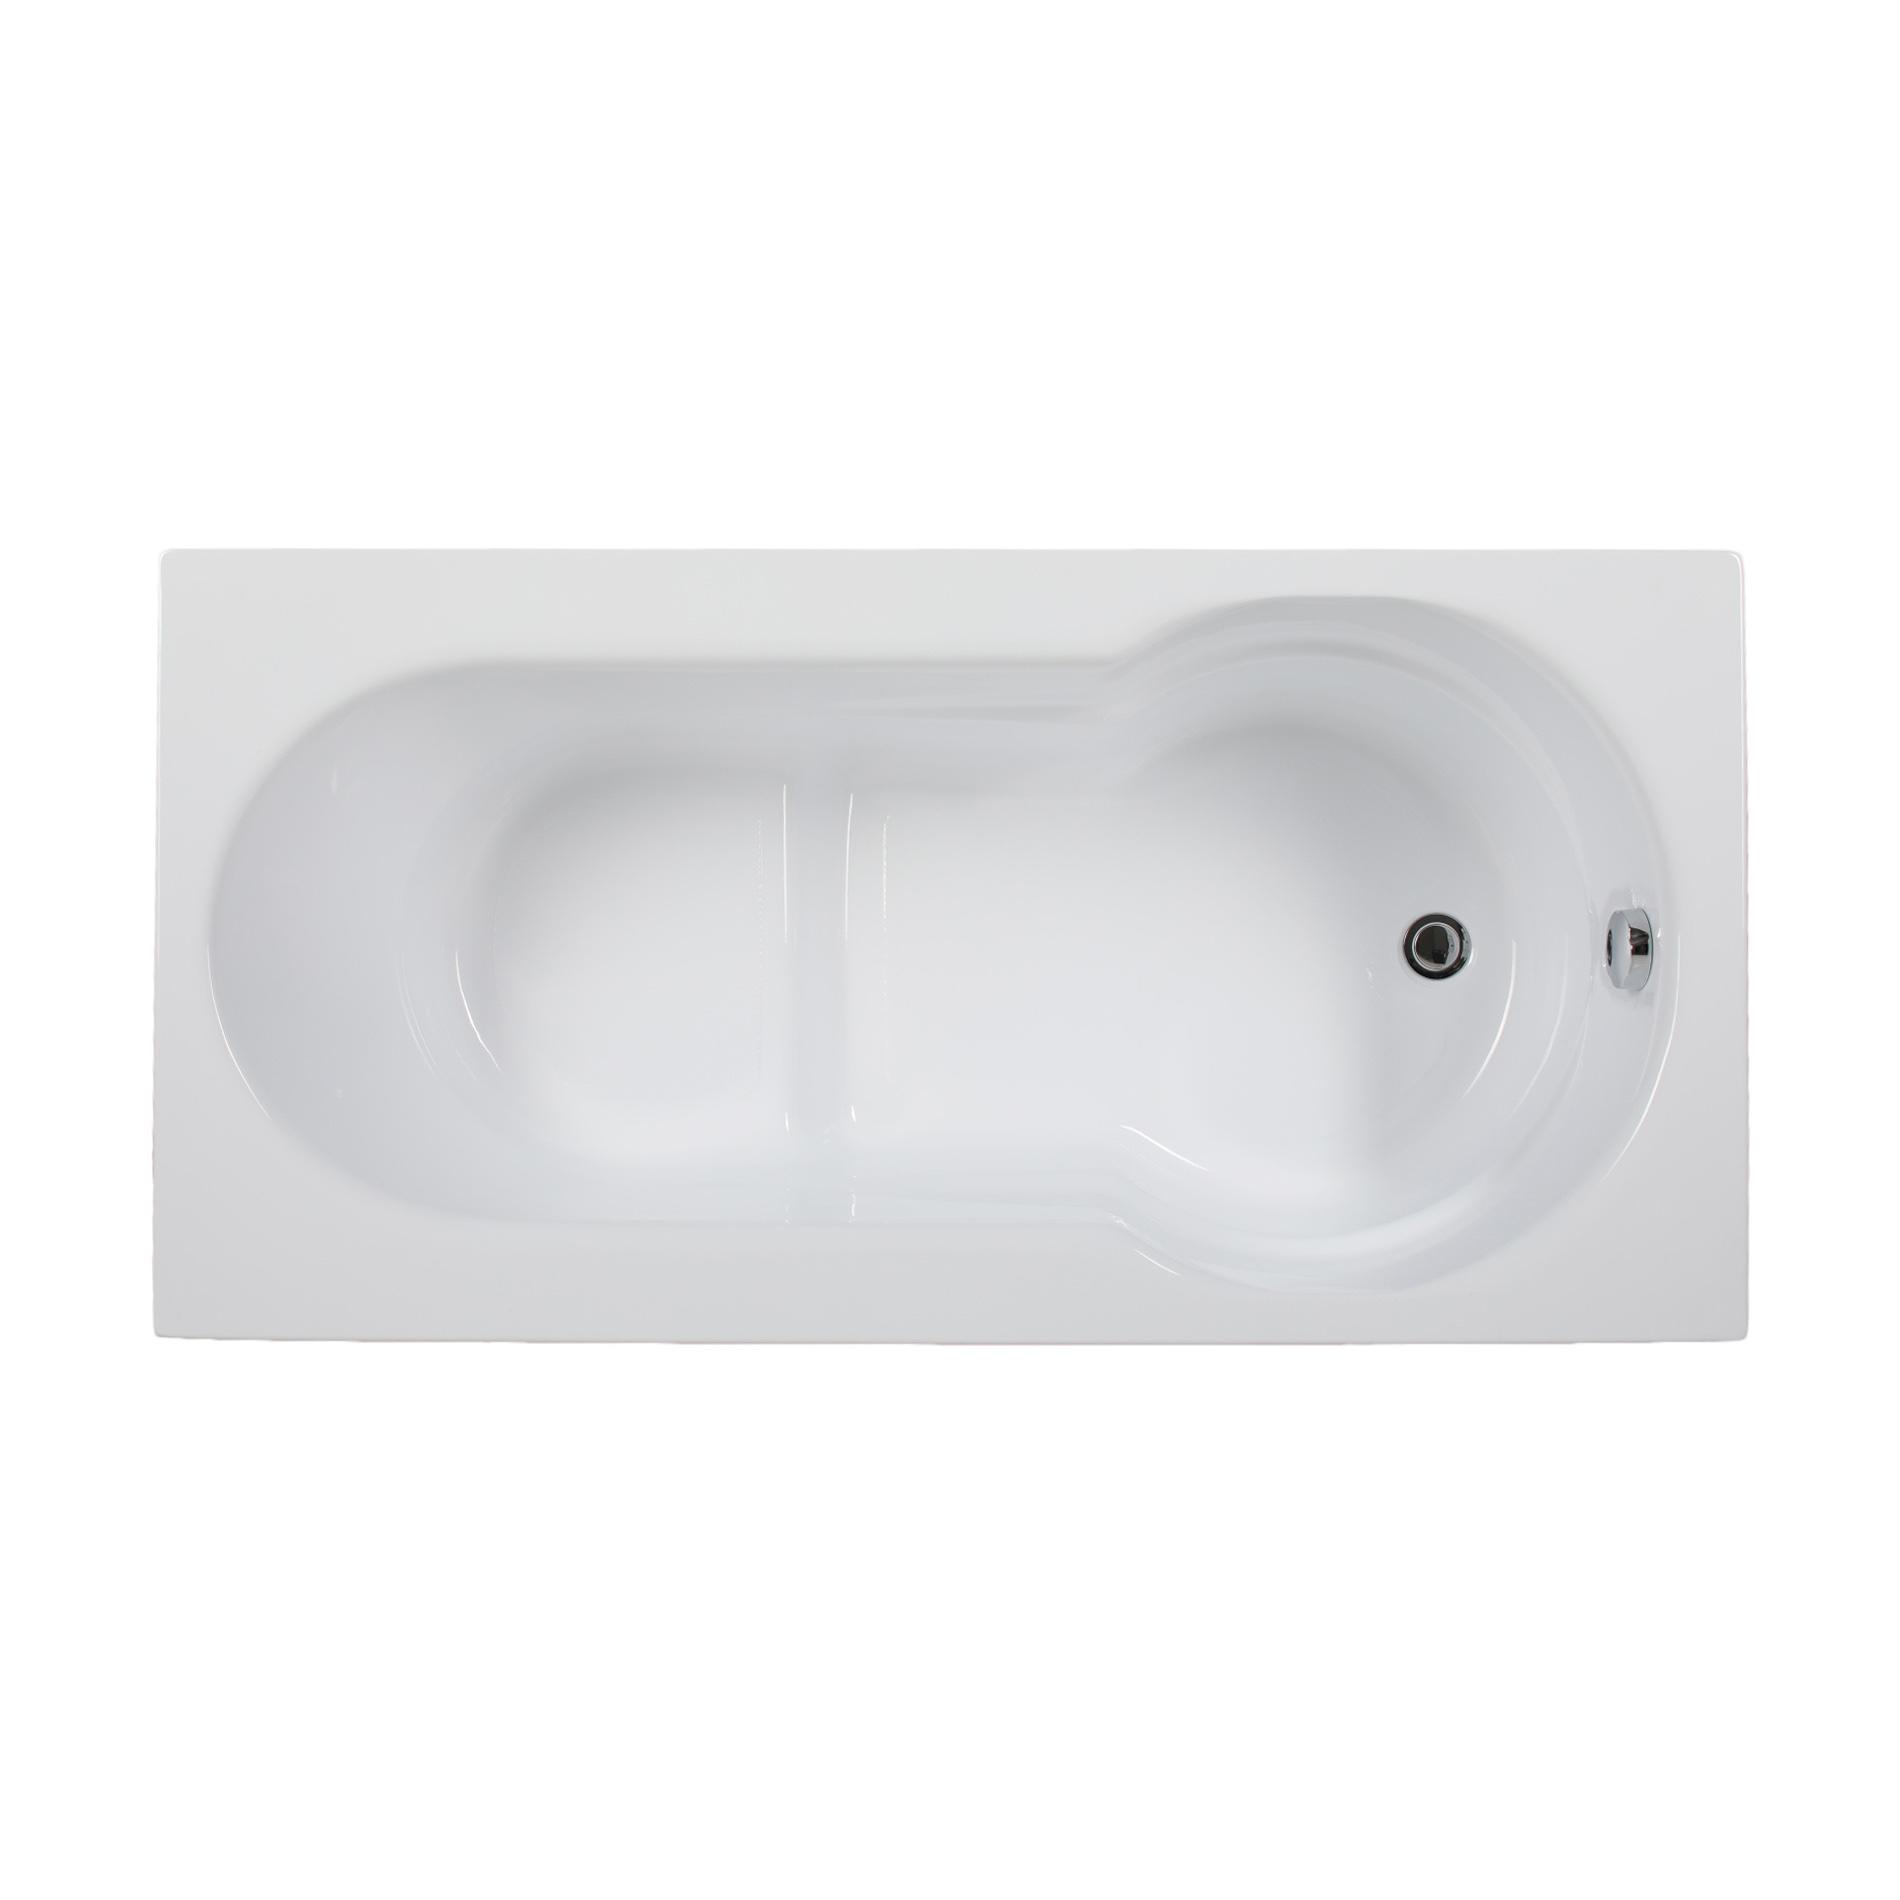 Акриловая ванна Aquanet Largo 140х70 слив перелив alcaplast для ванны под бронзу a55 antic